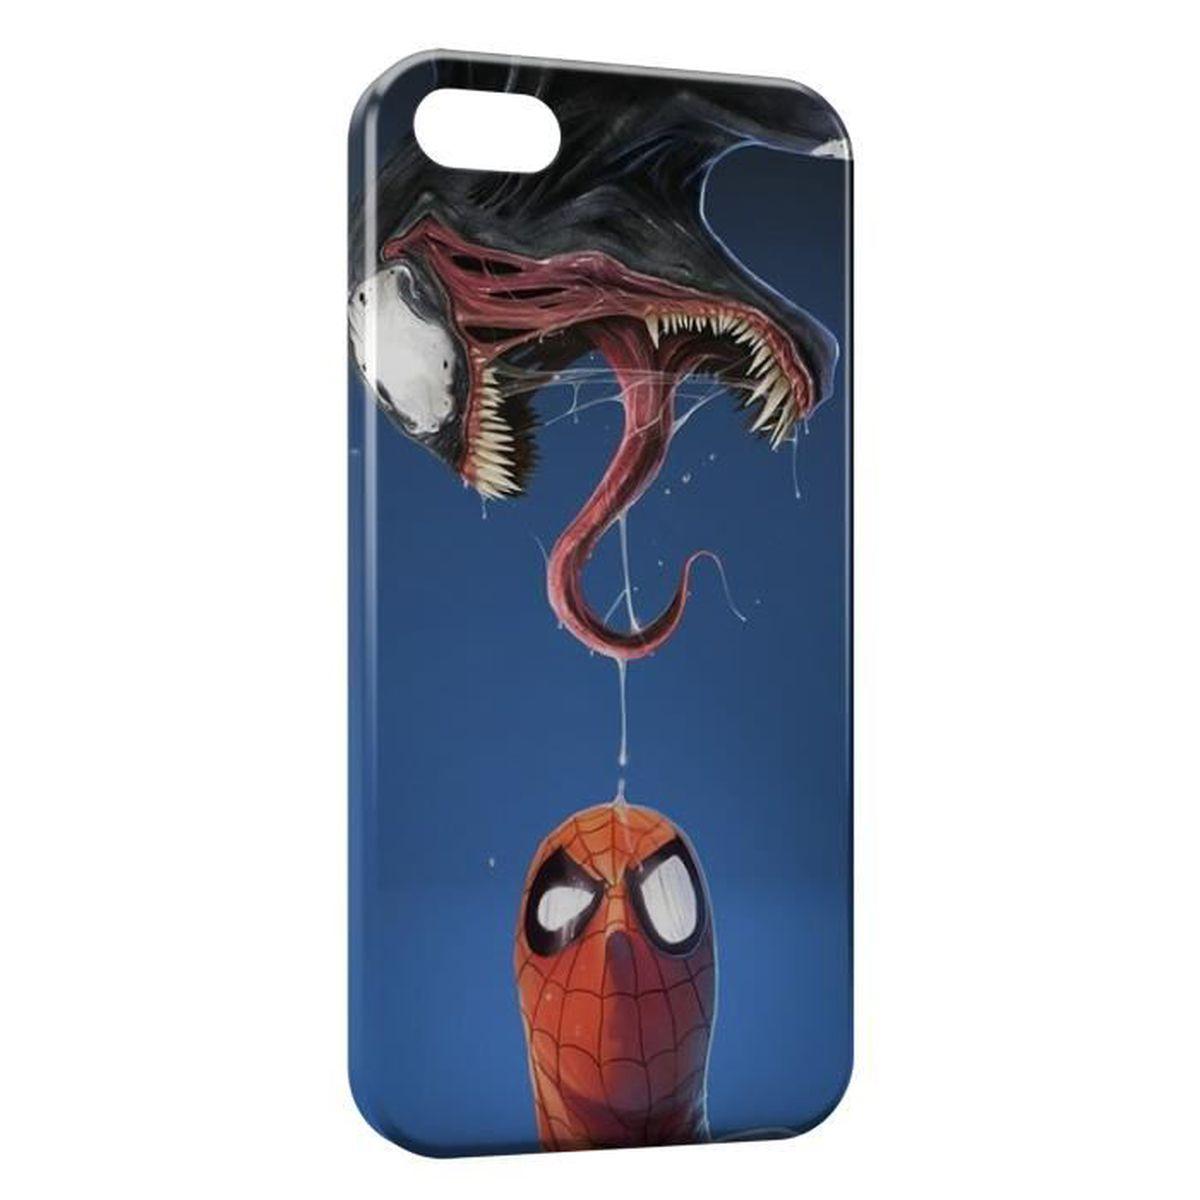 coque iphone 7 plus spiderman